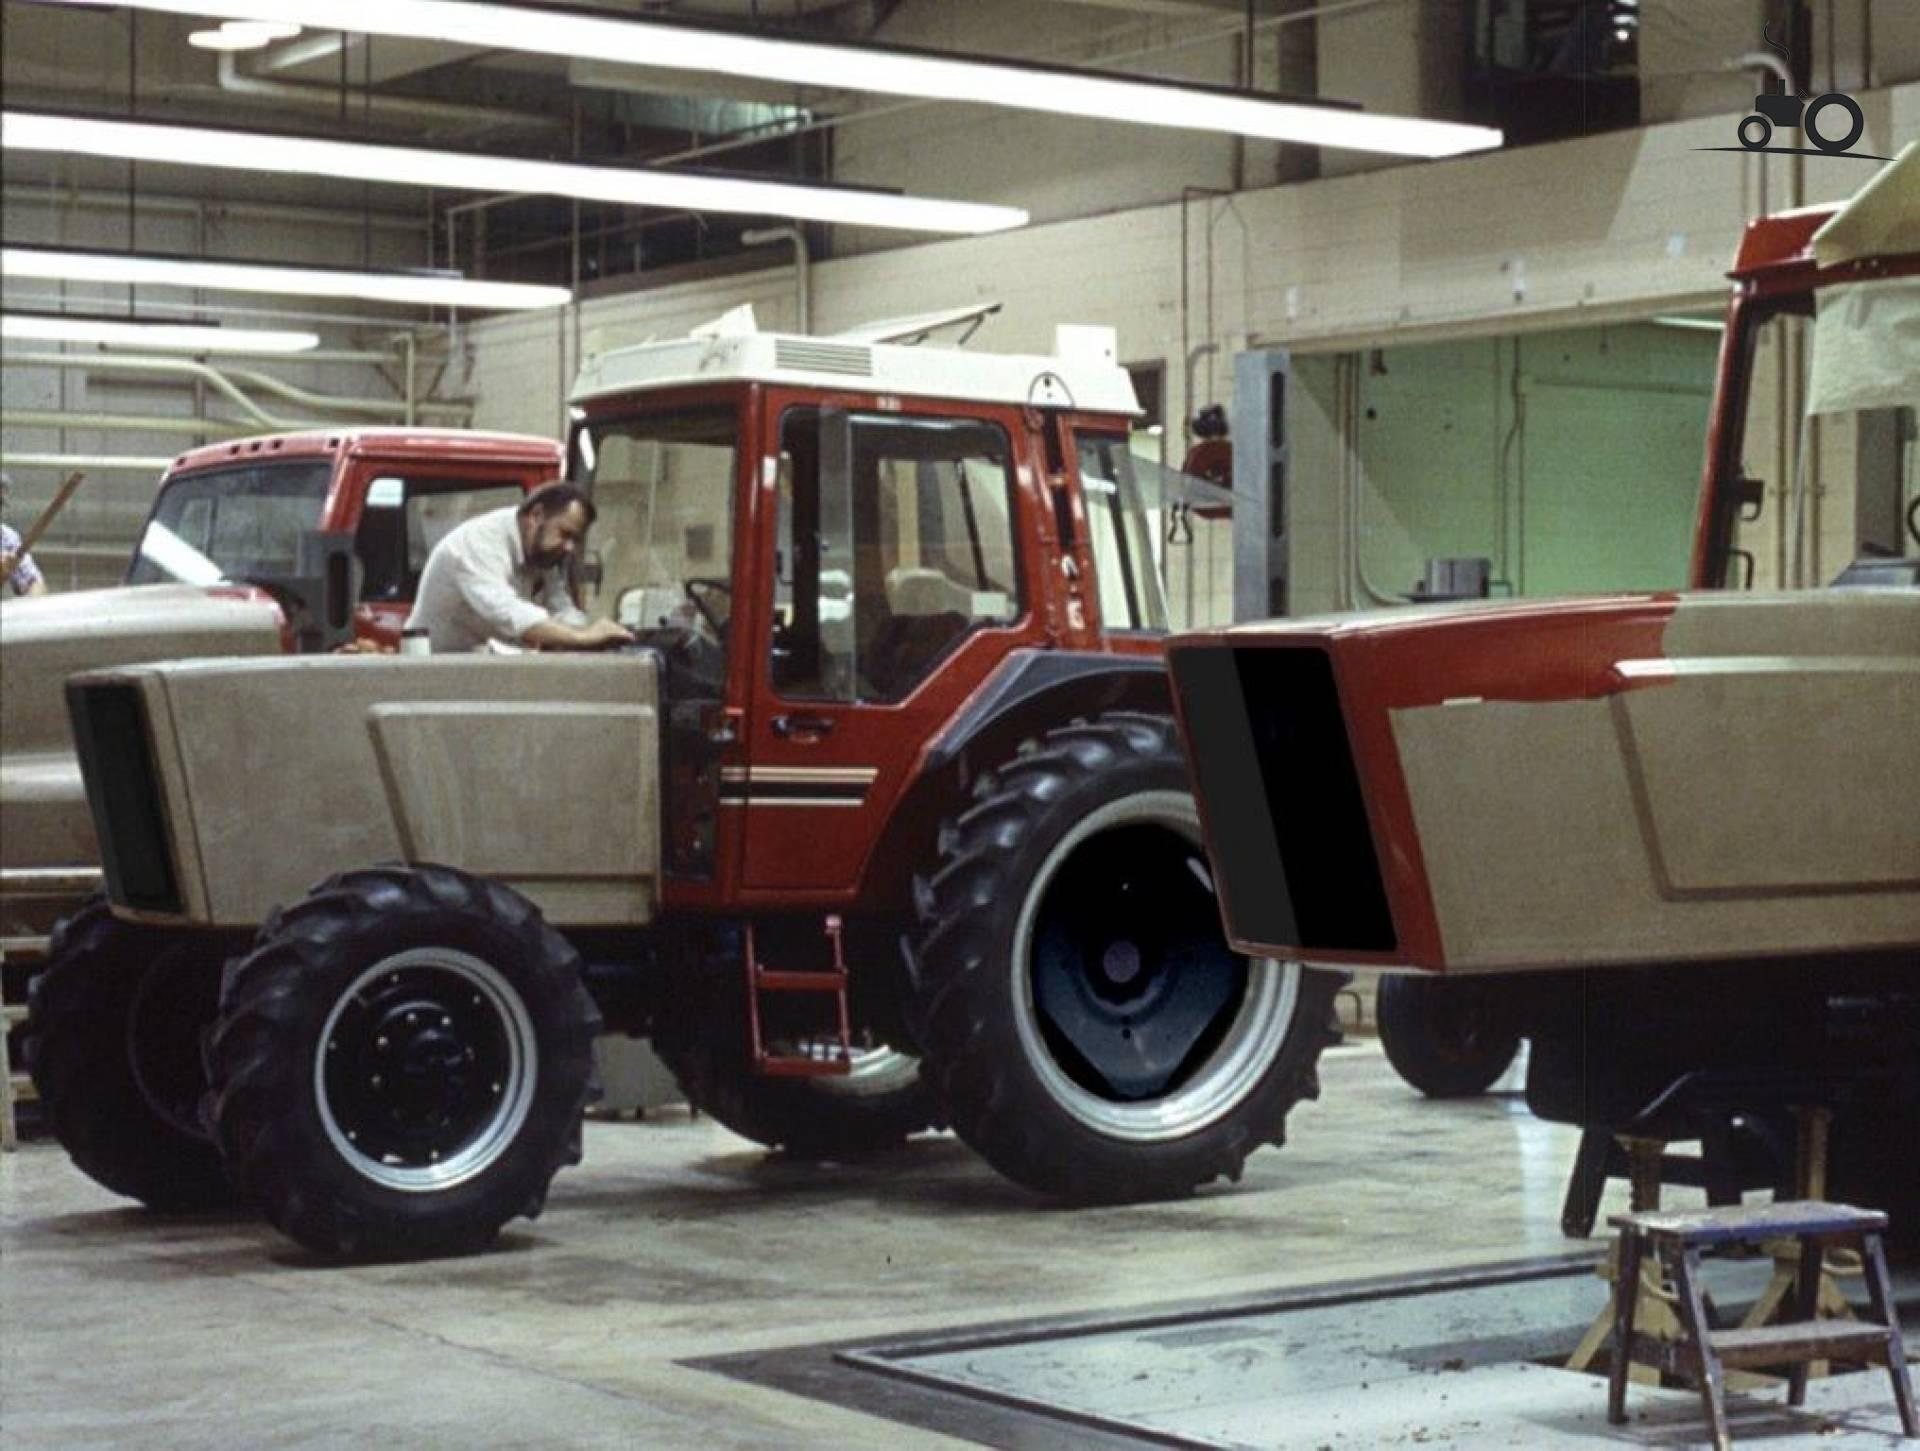 prototype ih 88 series tractors